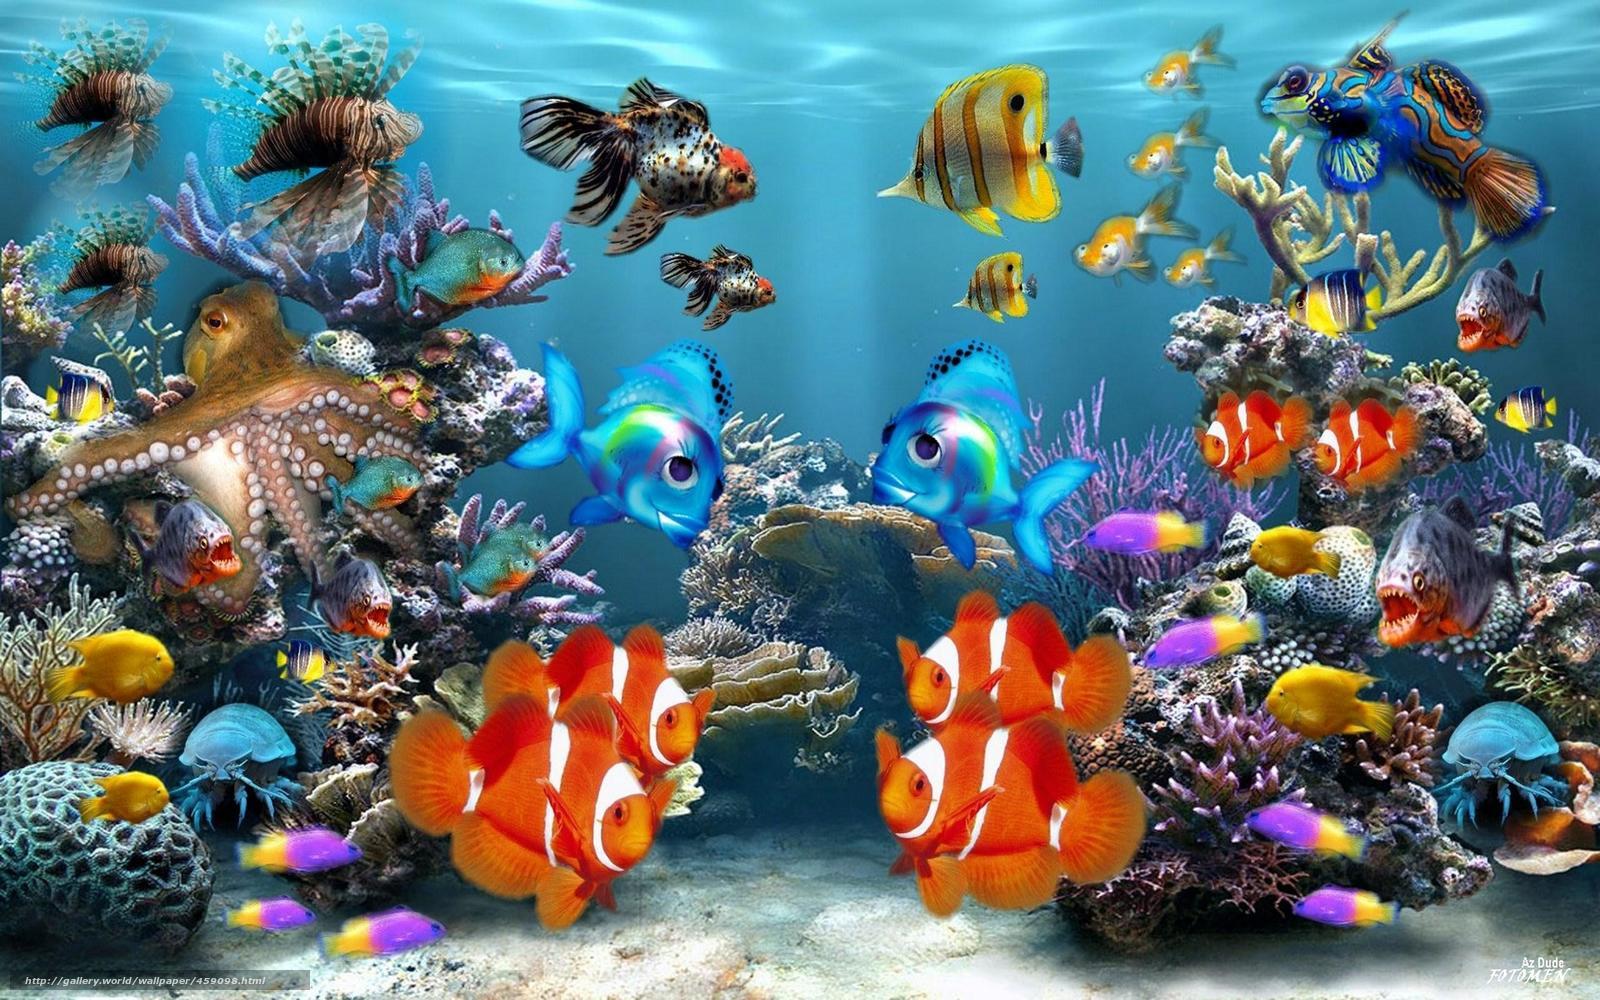 Tlcharger fond d 39 ecran 3d poisson mer karalli fonds d for Fond ecran 3d gratuit